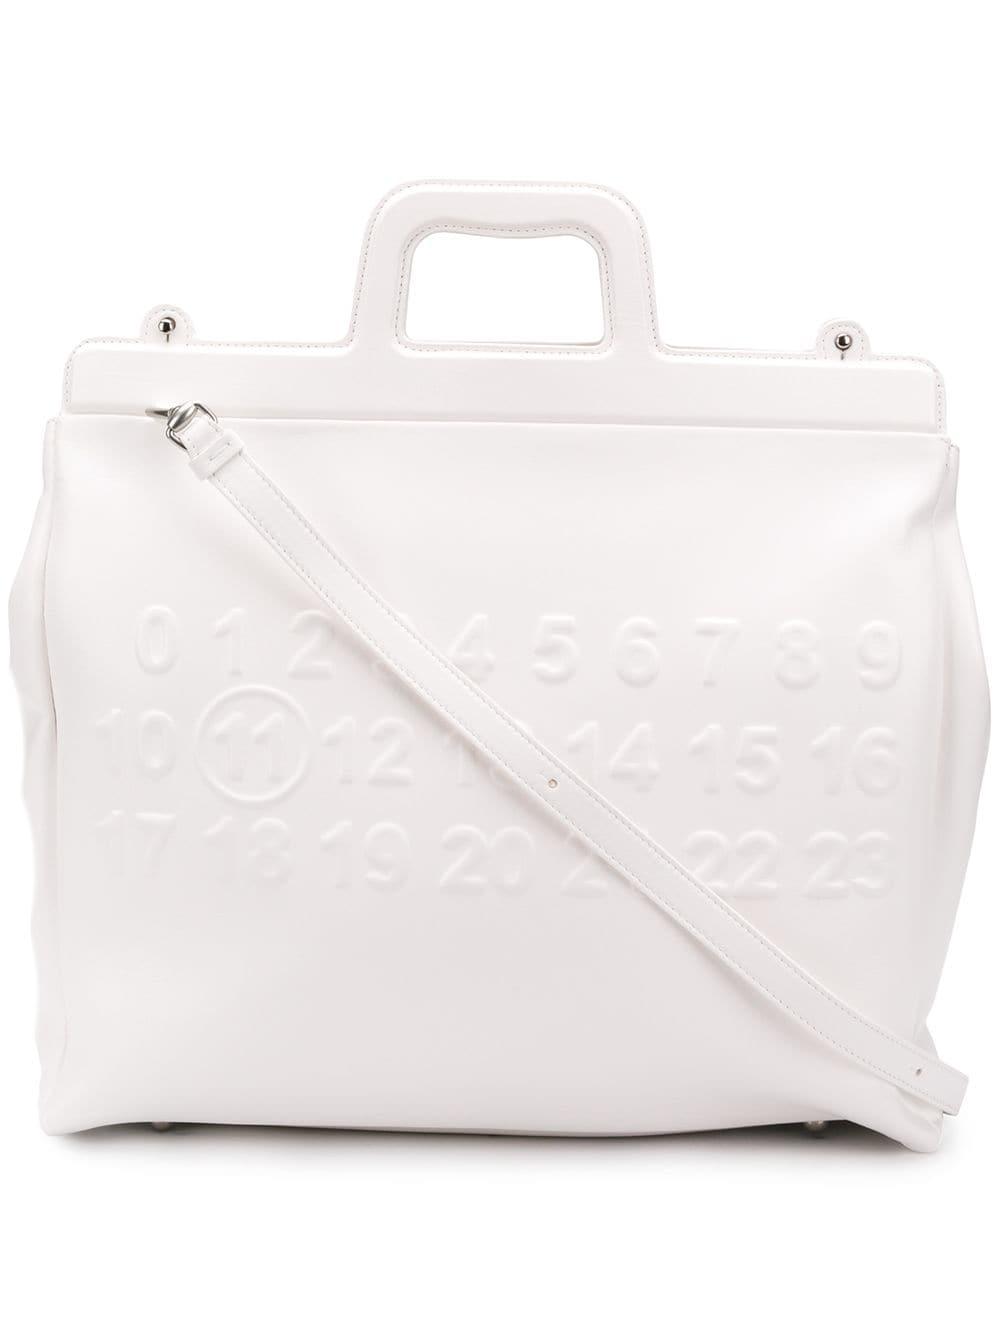 Maison Margiela 'Doctor' Handtasche - Weiß